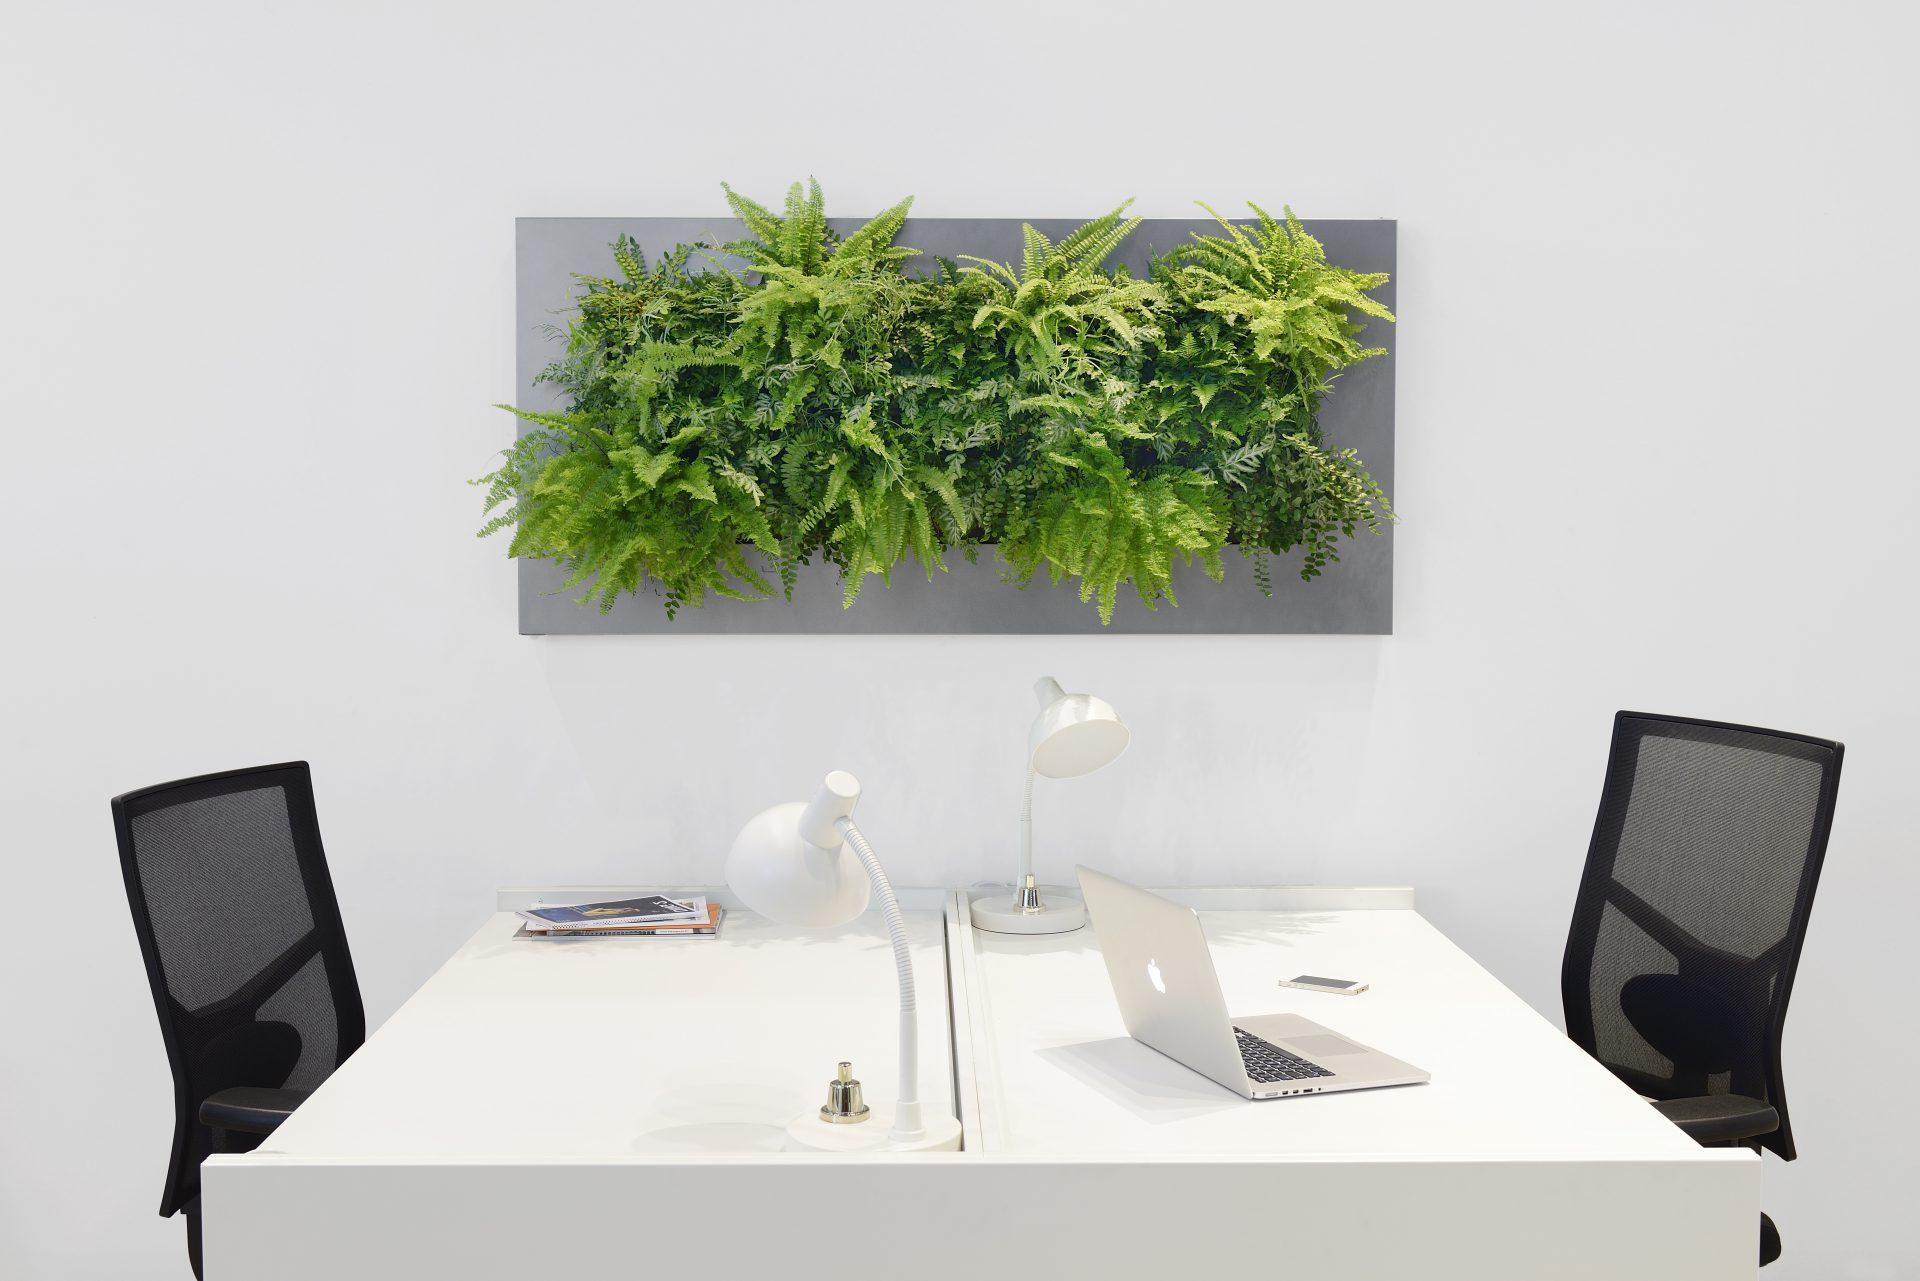 groene wand op het kantoor